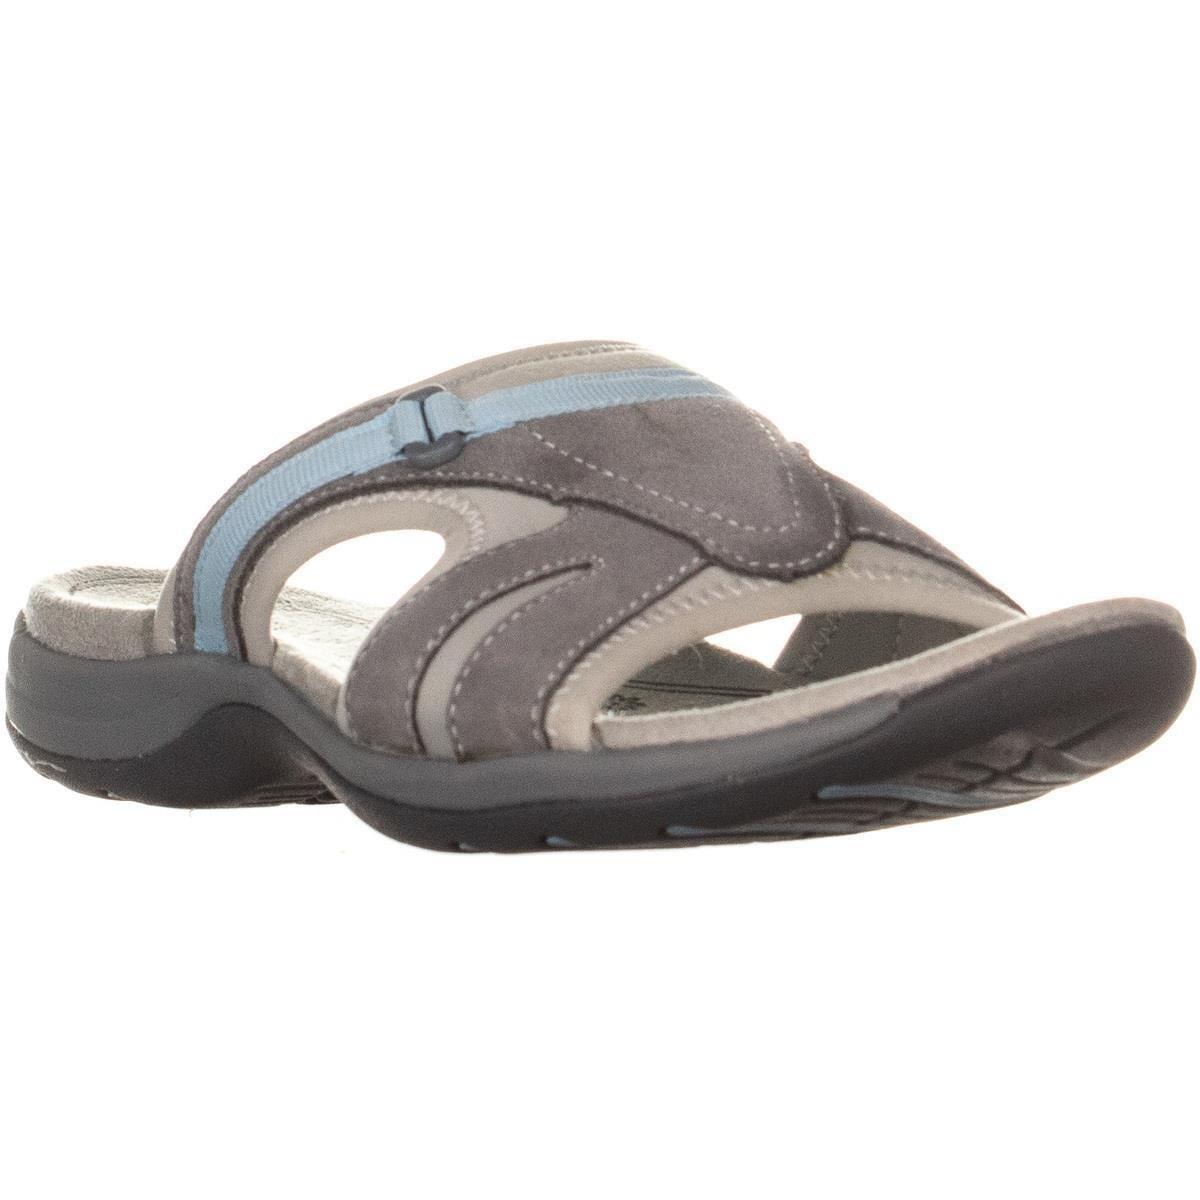 53f6124c2573 Buy Easy Spirit Women s Sandals Online at Overstock